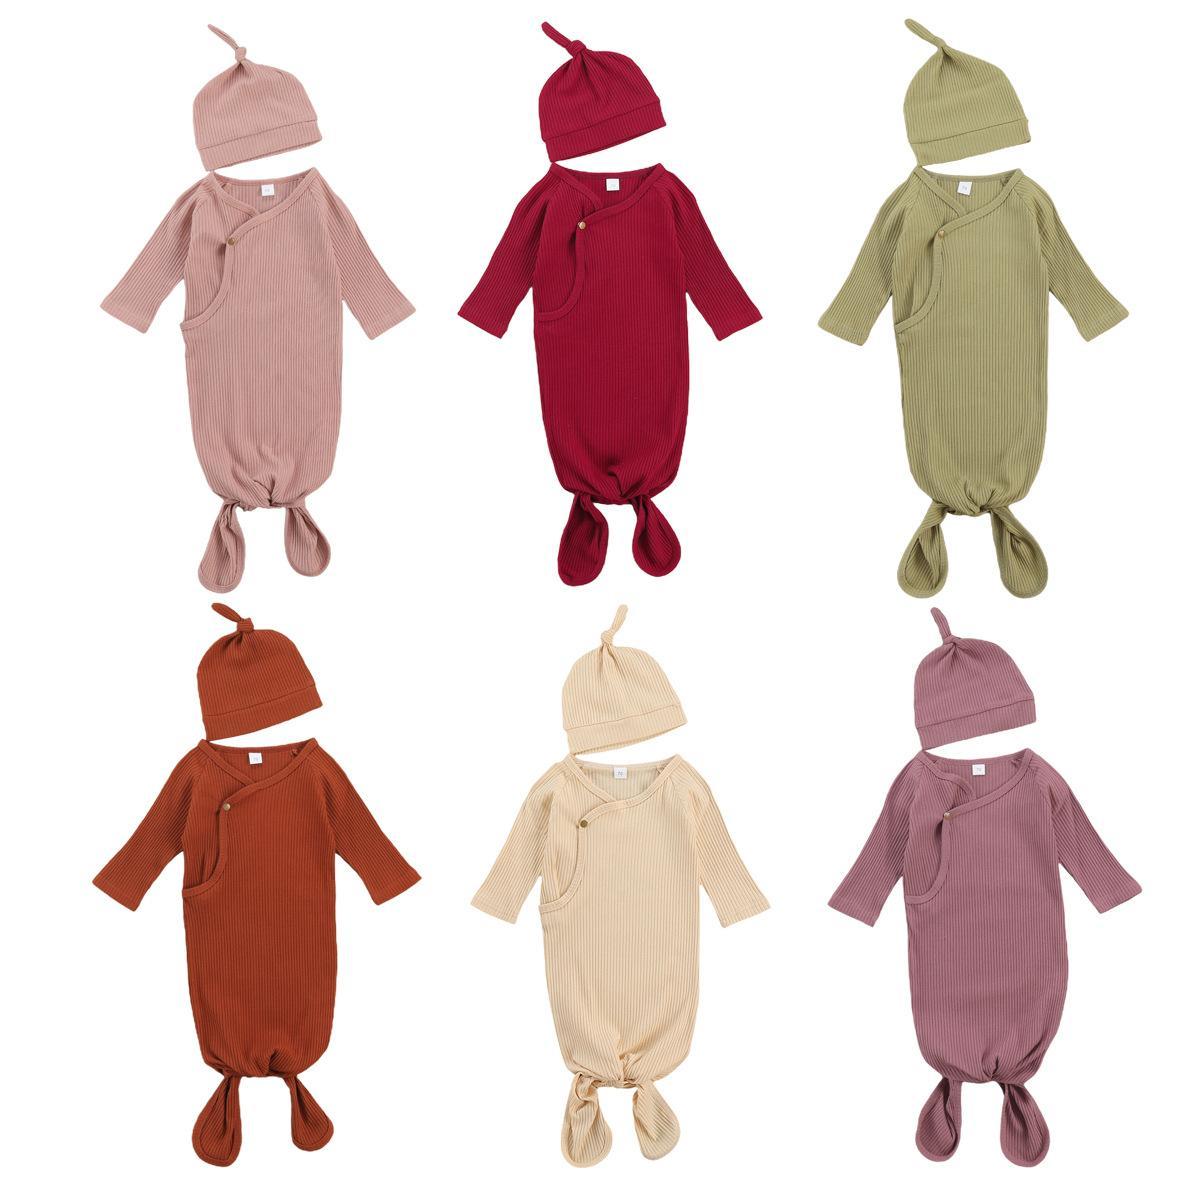 Pit infantiles de banda sacos de dormir bebés de los muchachos del color sólido del algodón del niño recién nacido Envolver manta con sombreros 2pcs / set Z1726